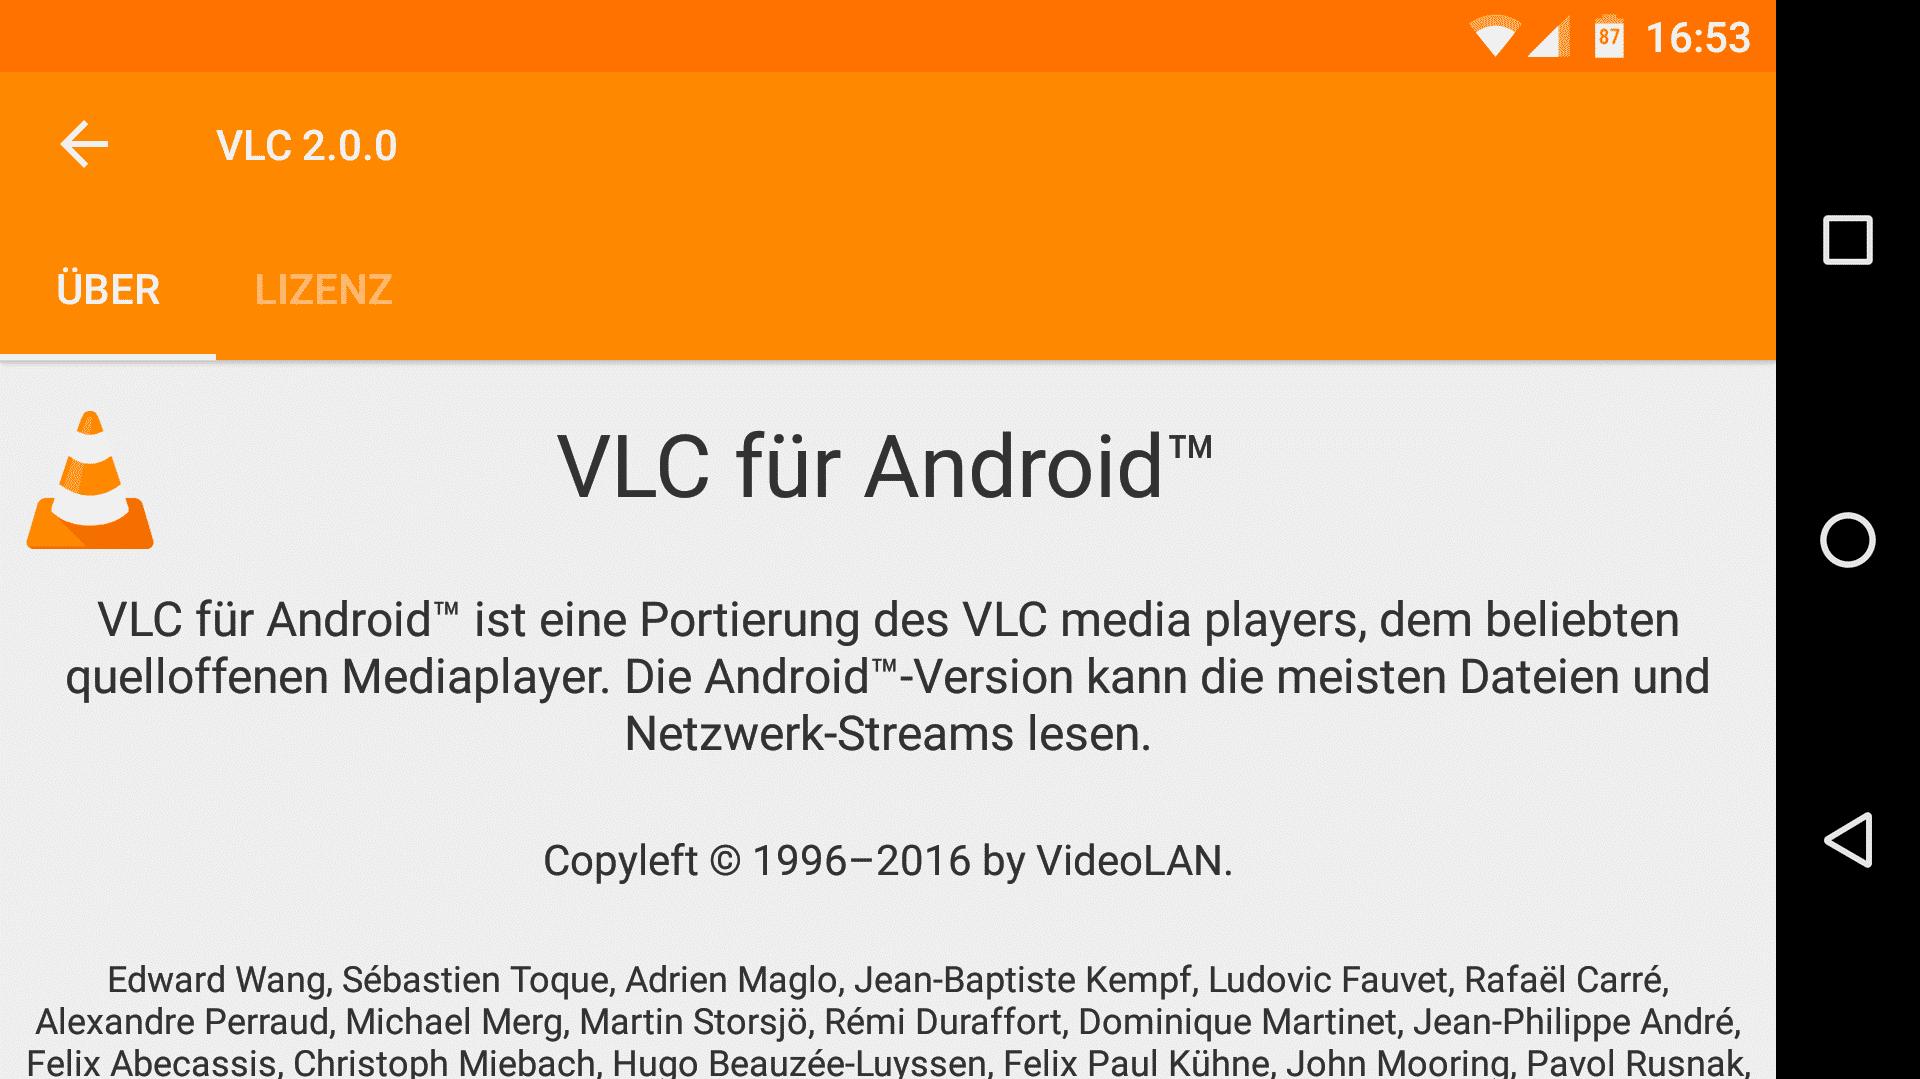 VLC 2.0 für Android unterstützt Netzwerkfreigaben